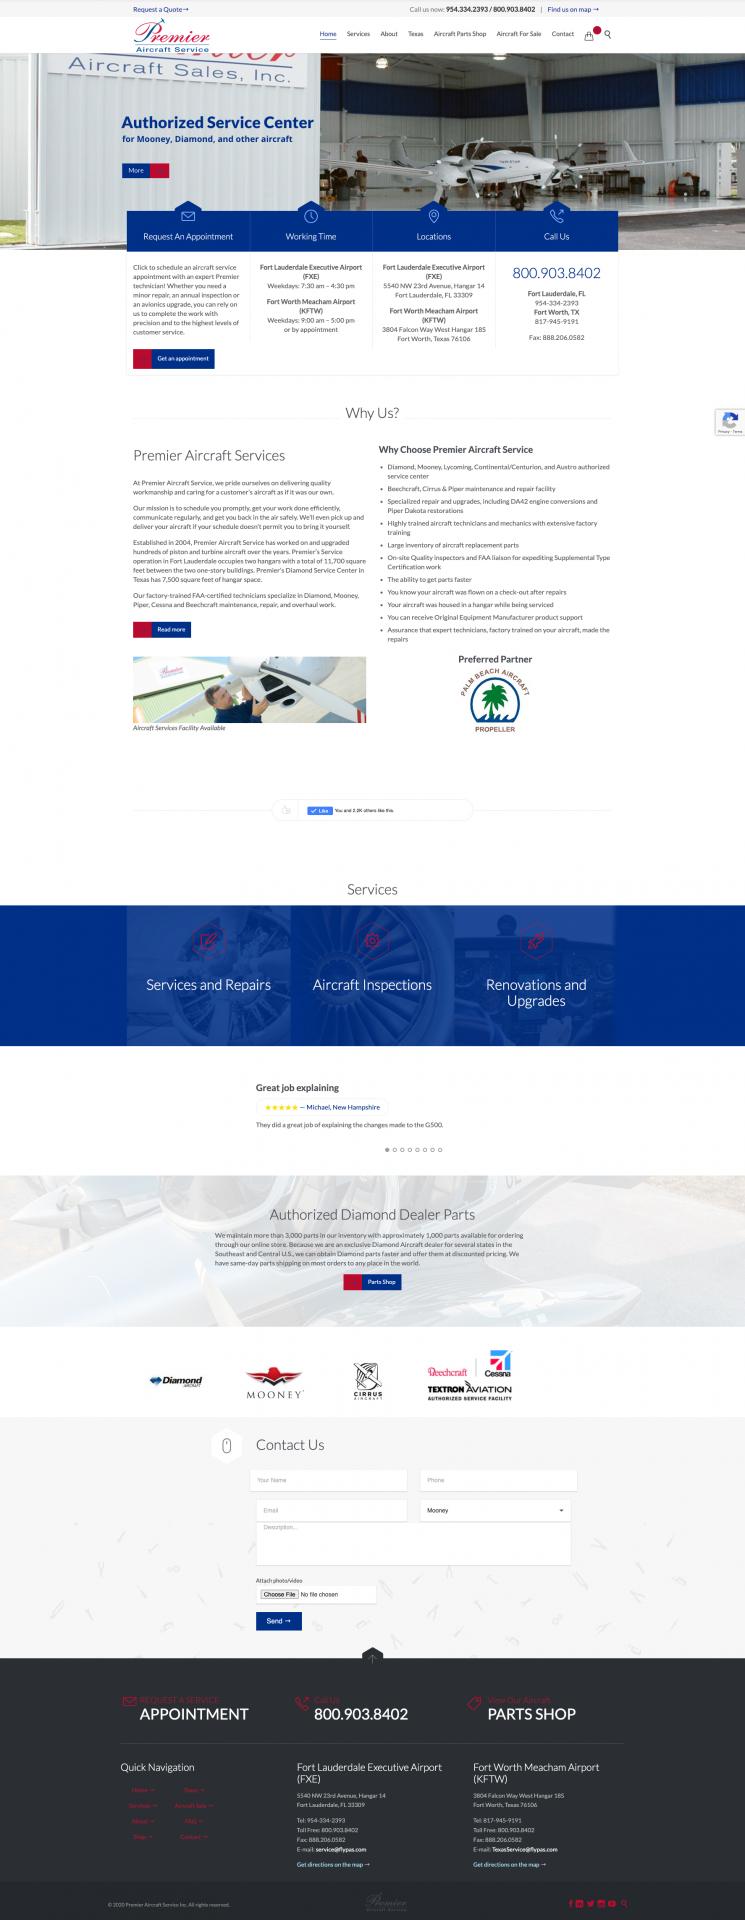 premieraircraftservice.com-2020.08.14-21_24_31 copy